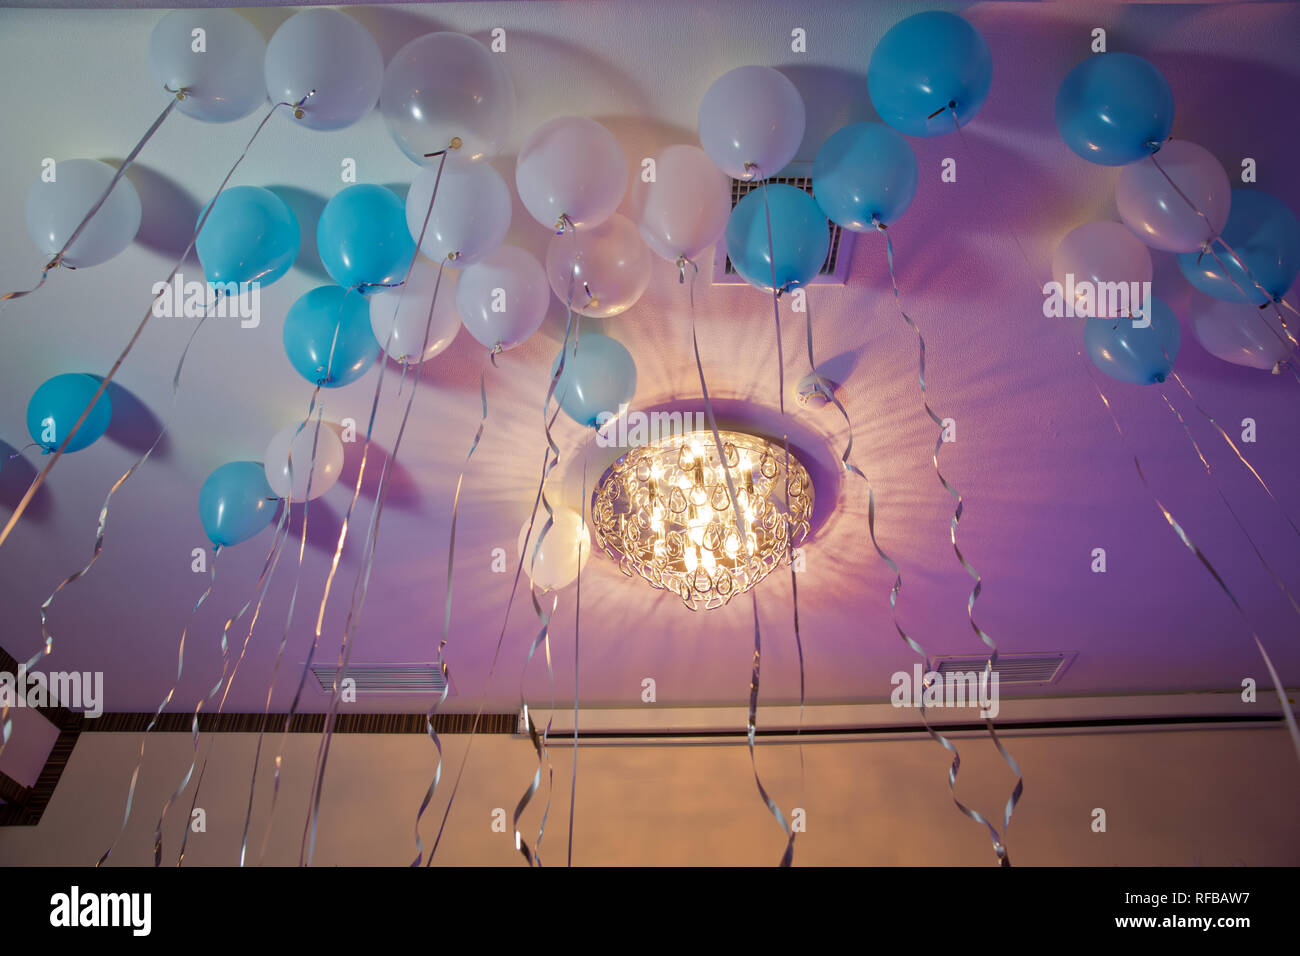 Top Bunte Luftballons schweben auf die weiße Decke im Zimmer für die BJ54